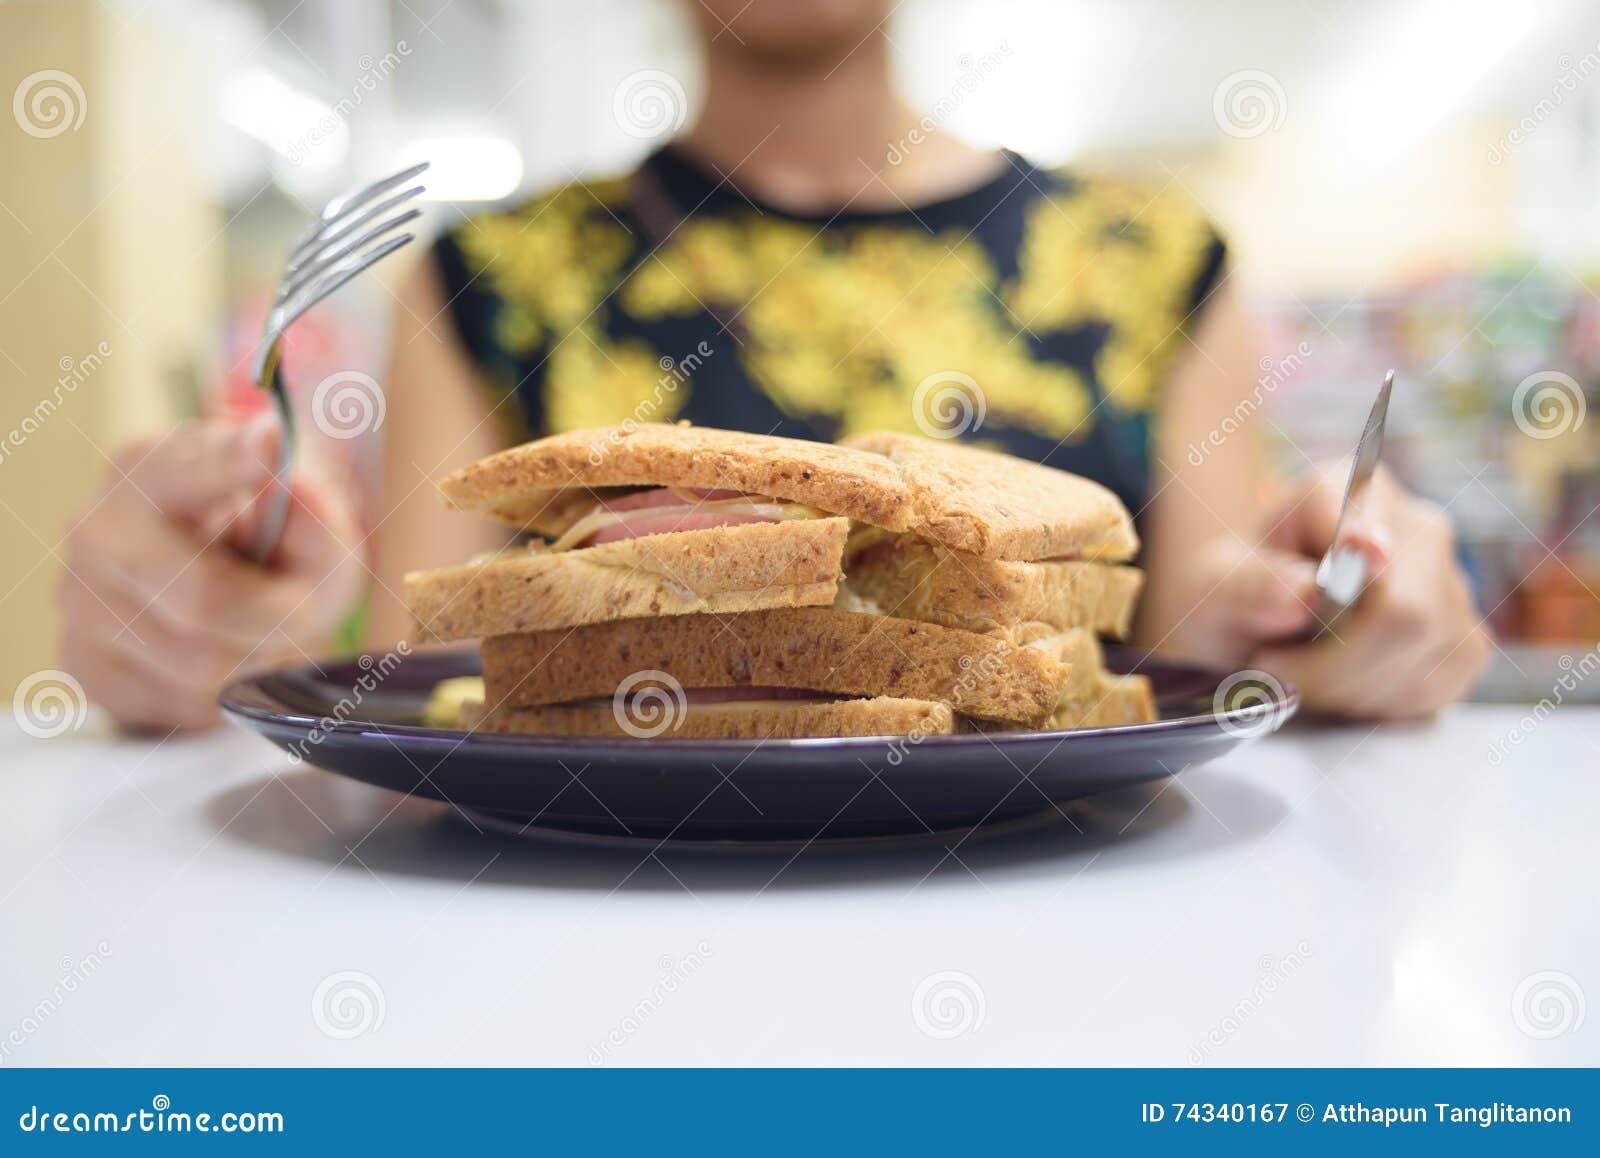 Sandwich et affamé